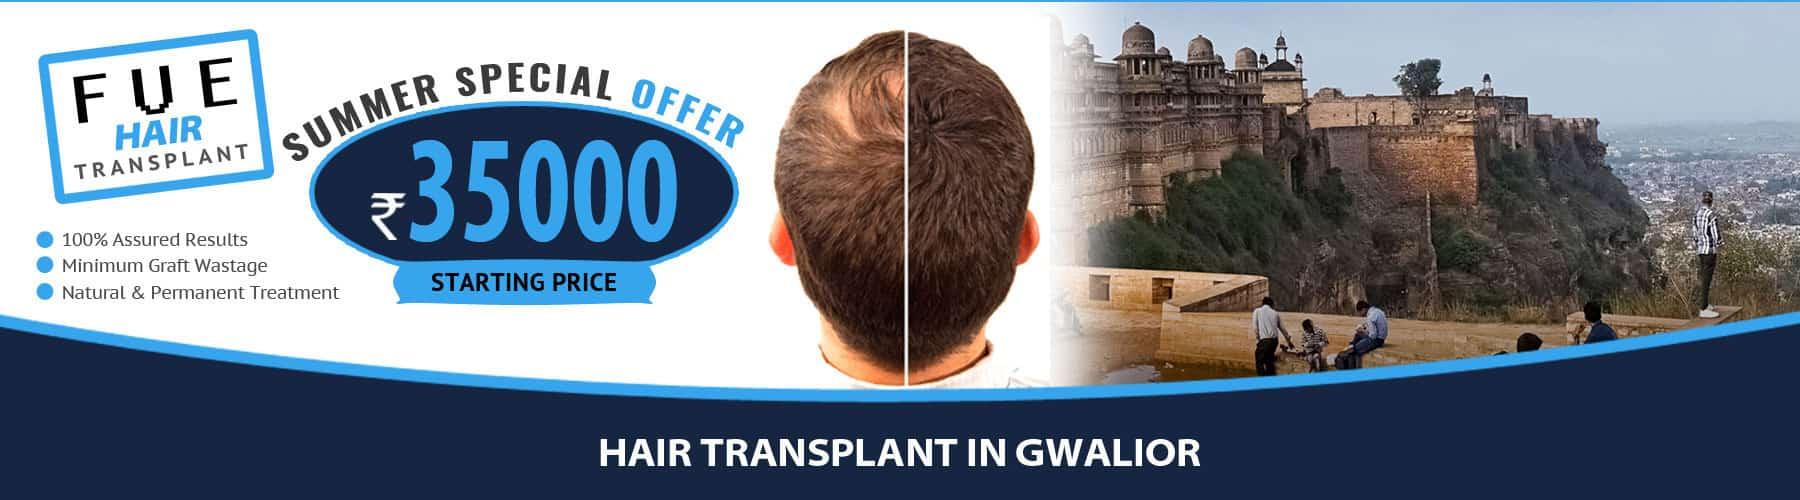 Hair Transplant Gwalior